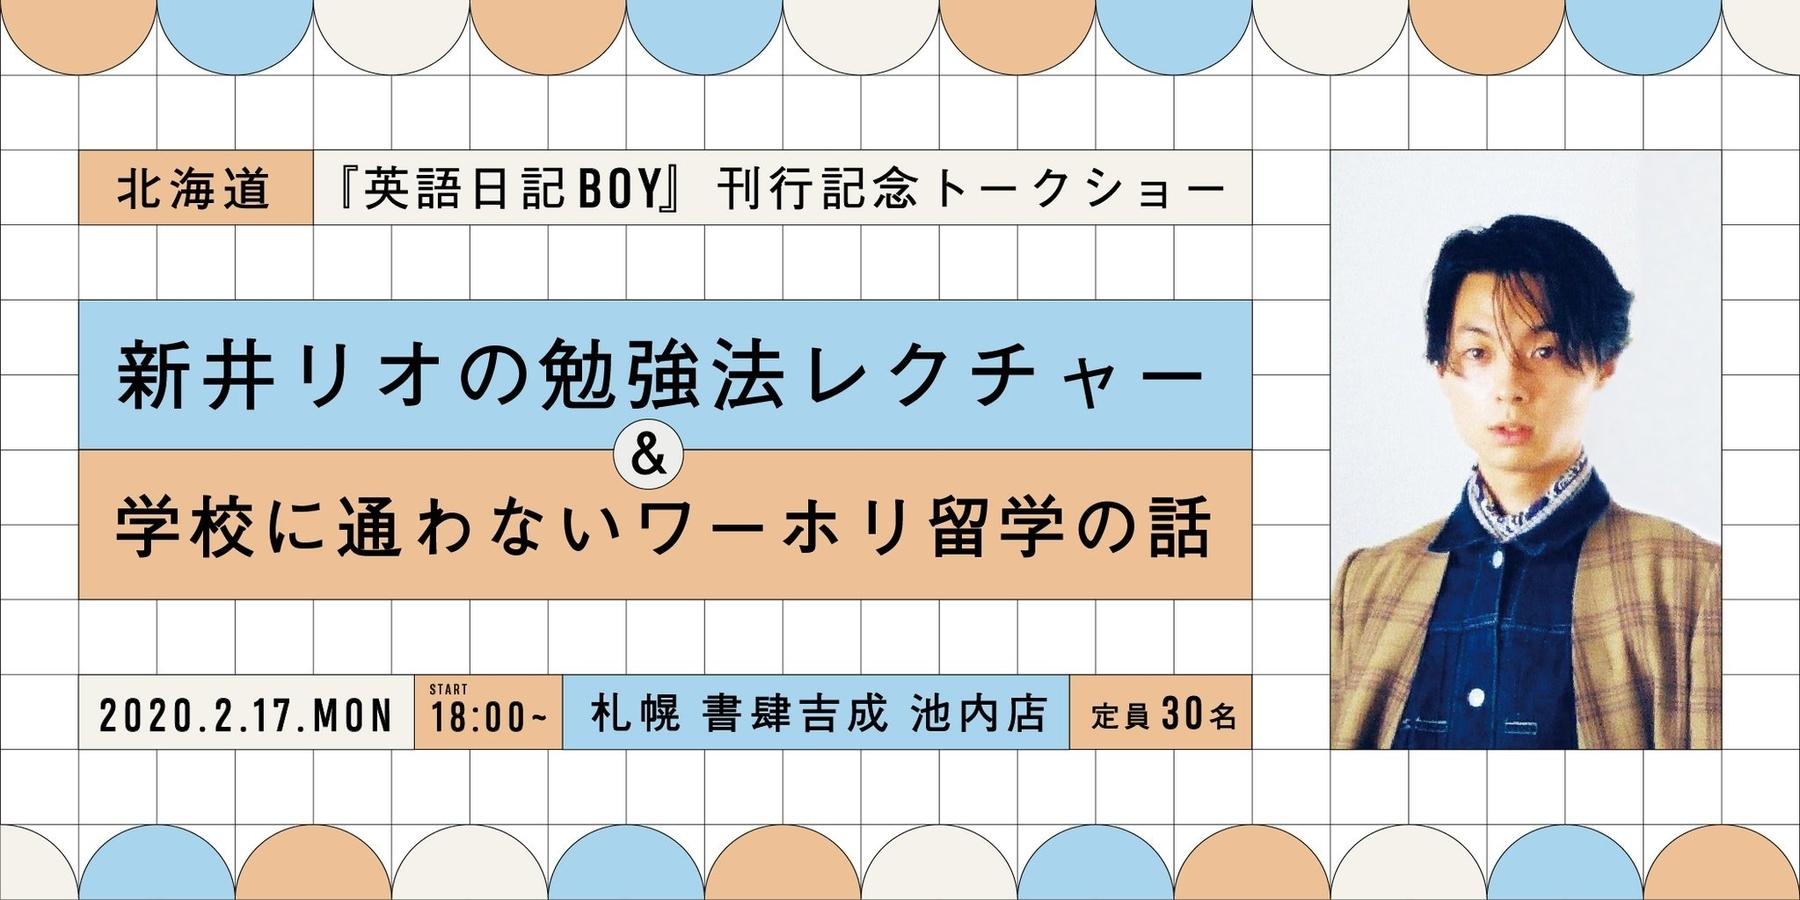 『英語日記BOY』刊行記念 新井リオの勉強法レクチャー&学校に通わないワーホリ留学の話